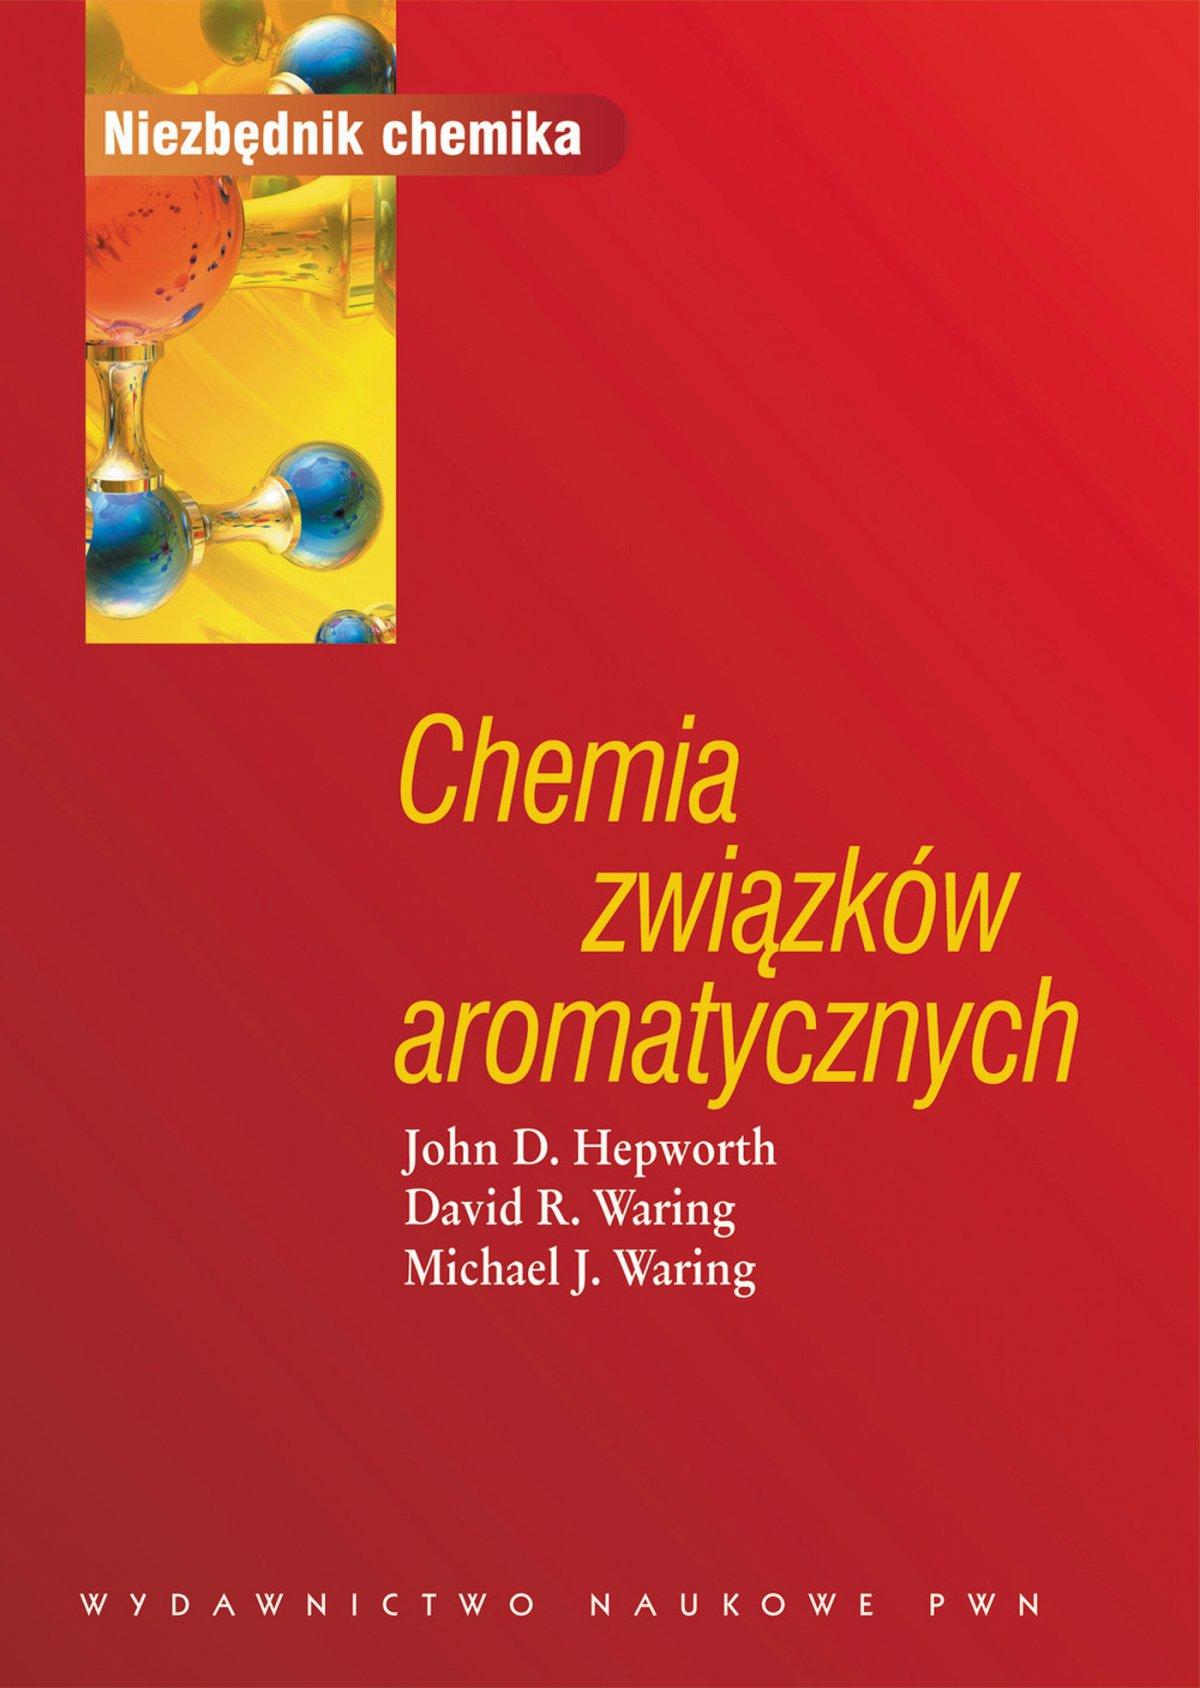 Chemia związków aromatycznych - Ebook (Książka EPUB) do pobrania w formacie EPUB